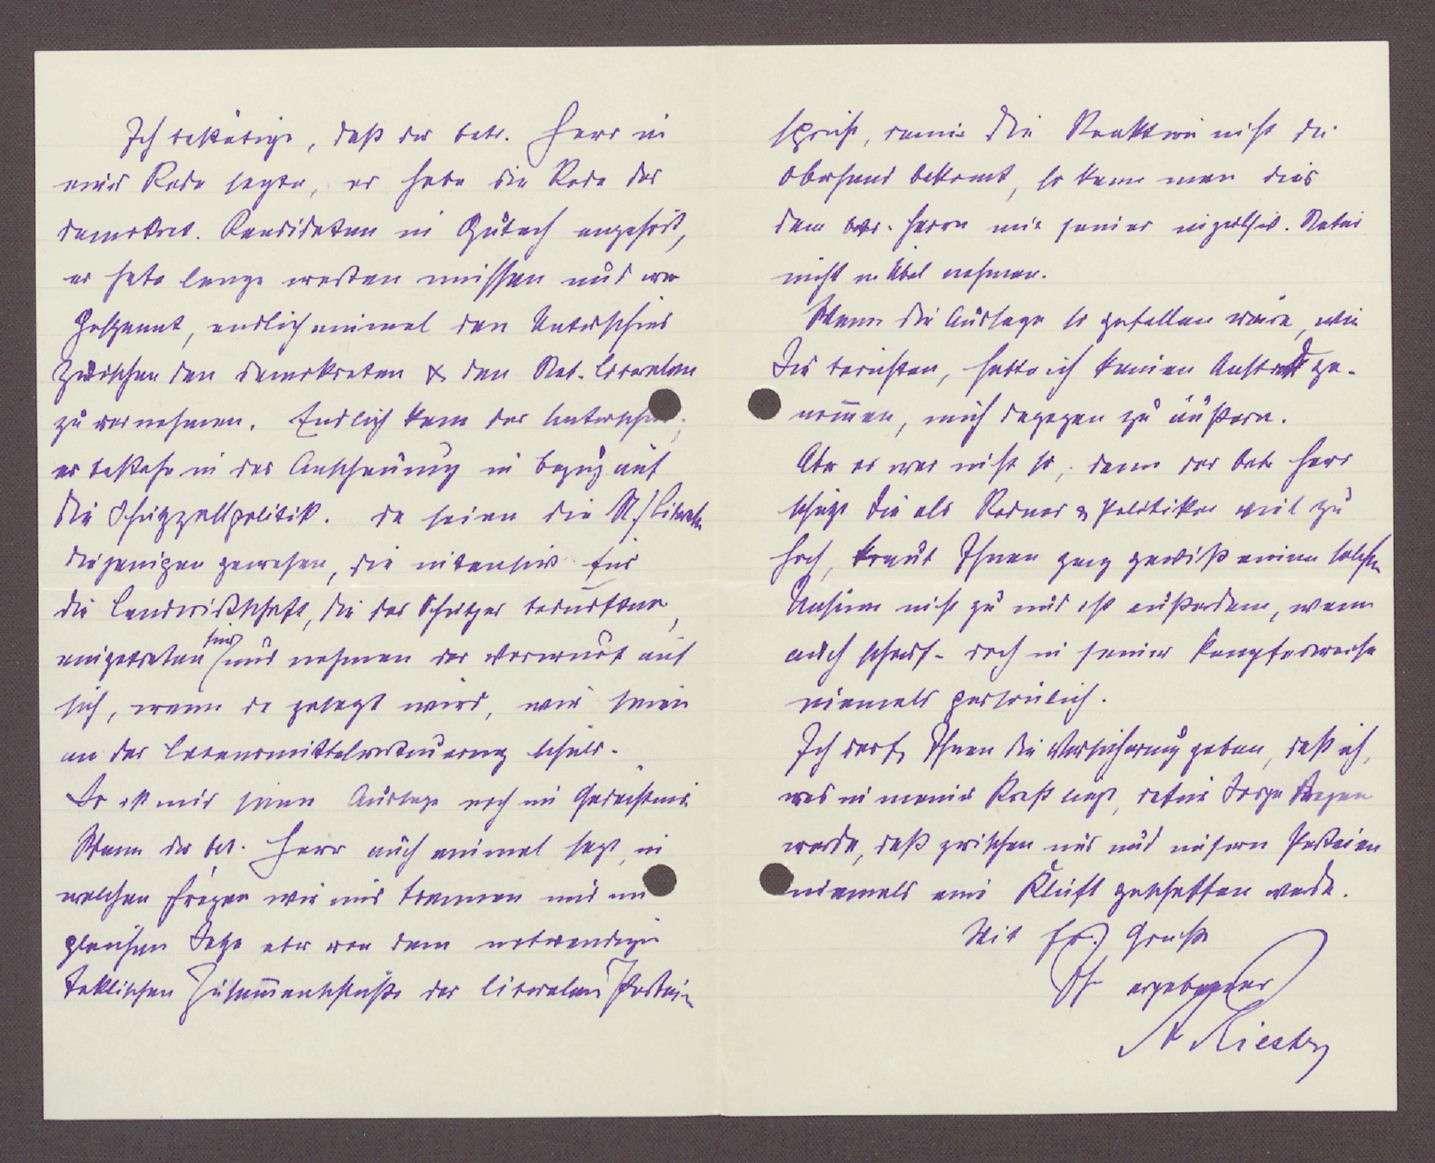 Korrespondenz zwischen Hermann Hummel und A. Riester, Gewerbeschulvorstand, Triberg: Klage über unsachlichen Wahlkampf, 2 Schreiben, Bild 3